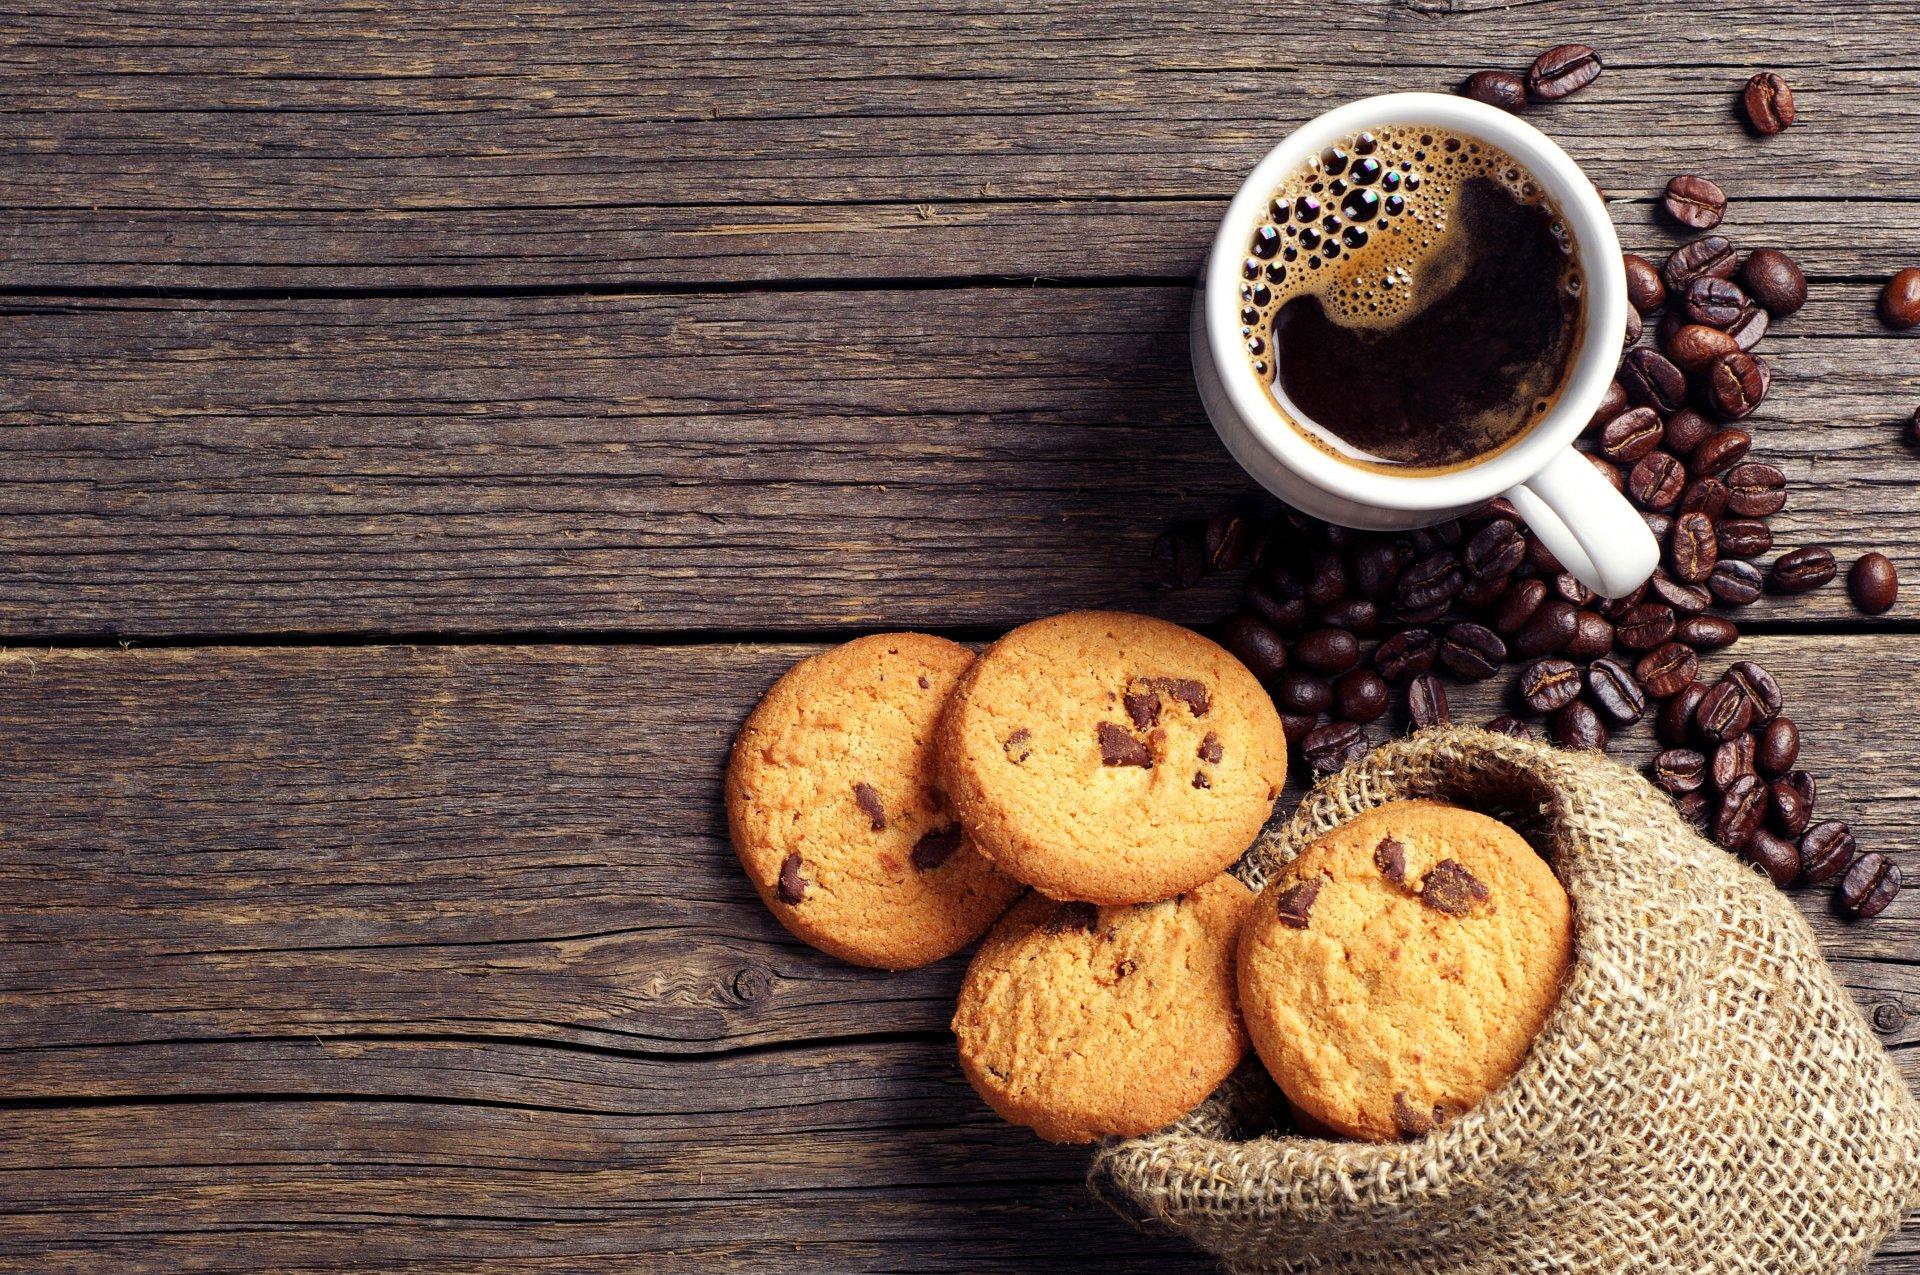 еда печенье кружка food cookies mug  № 2147279 загрузить